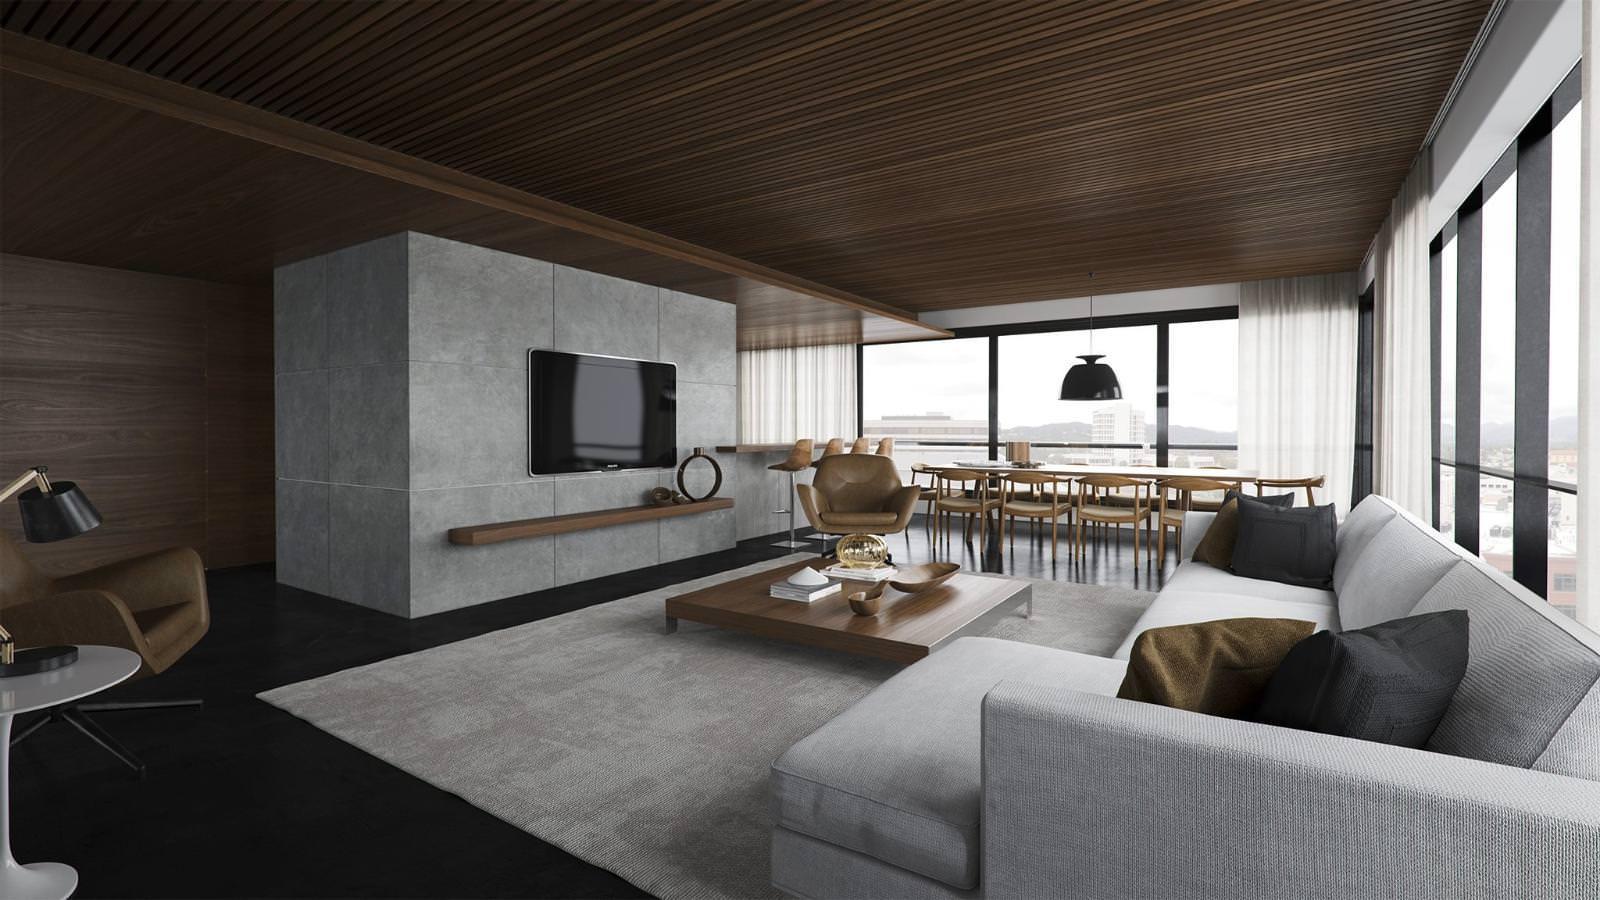 20 salles de séjour créatrices pour l\'inspiration de modèle ...